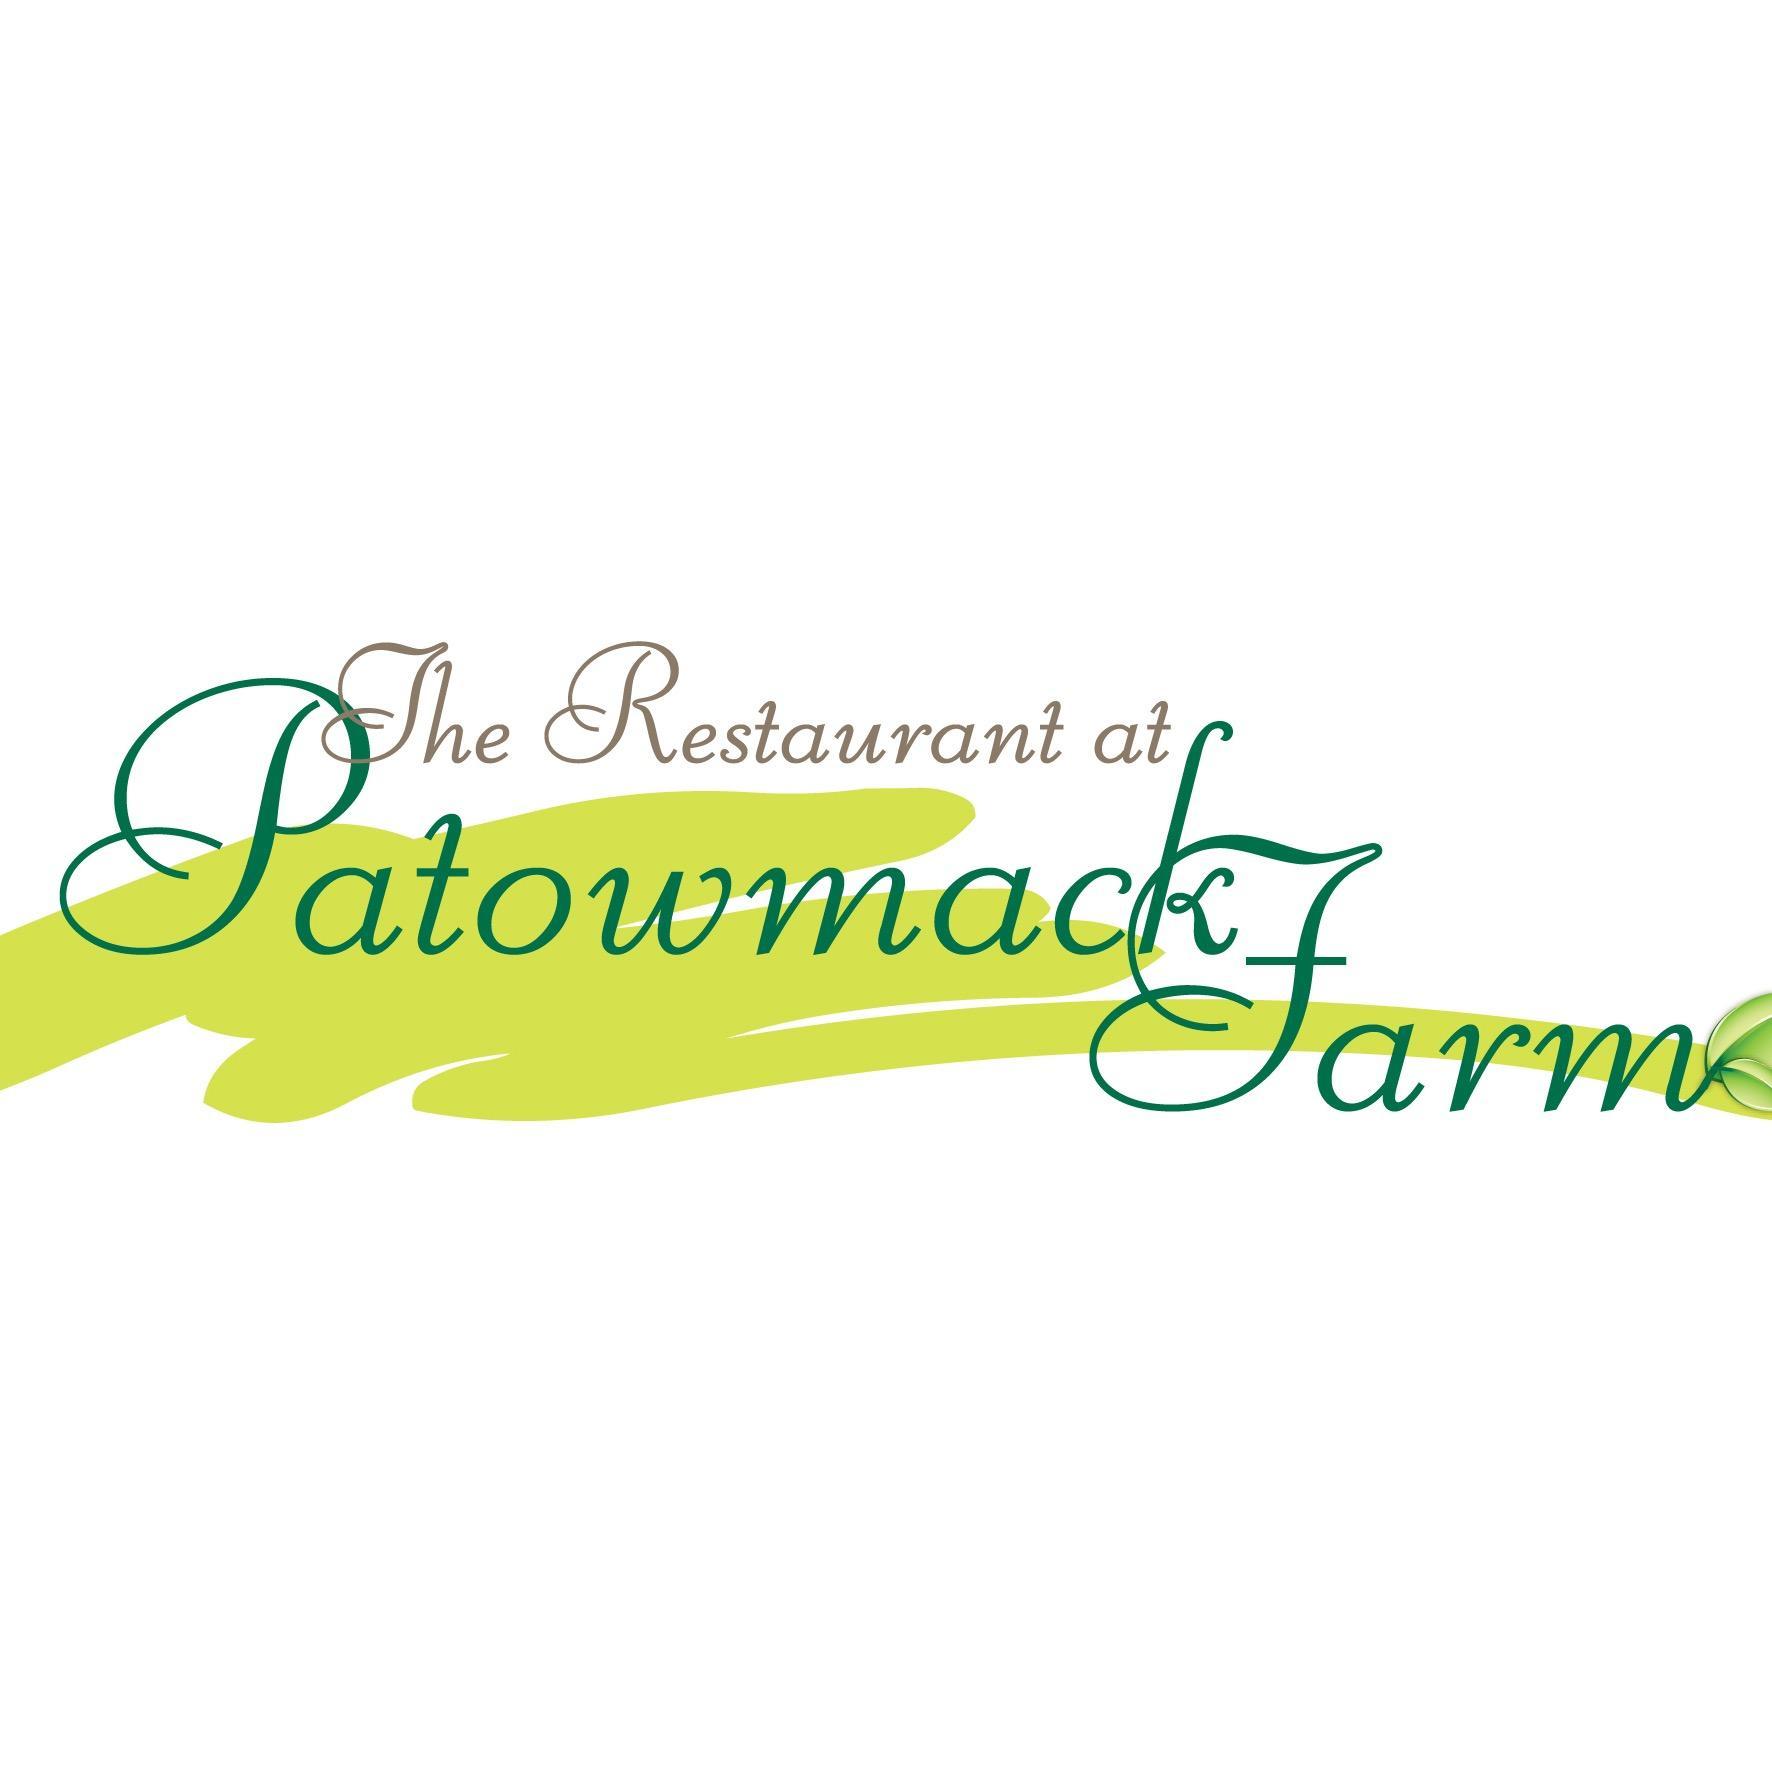 The Restaurant at Patowmack Farm - Lovettsville, VA 20180 - (540)822-9017 | ShowMeLocal.com